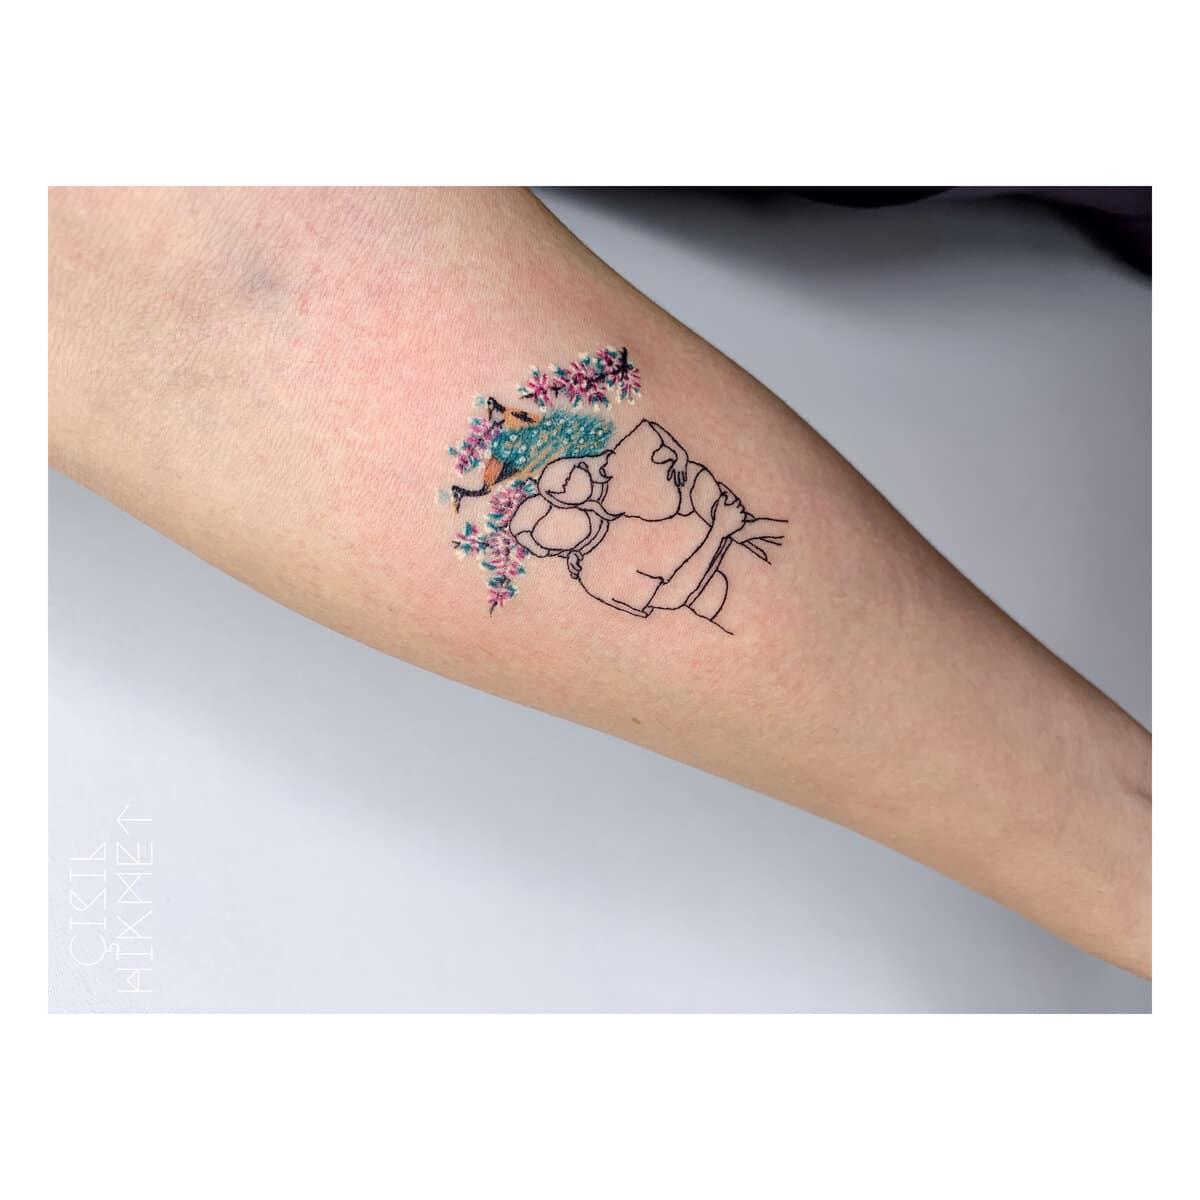 çisil-hikmet-tattoo-artist-online-people